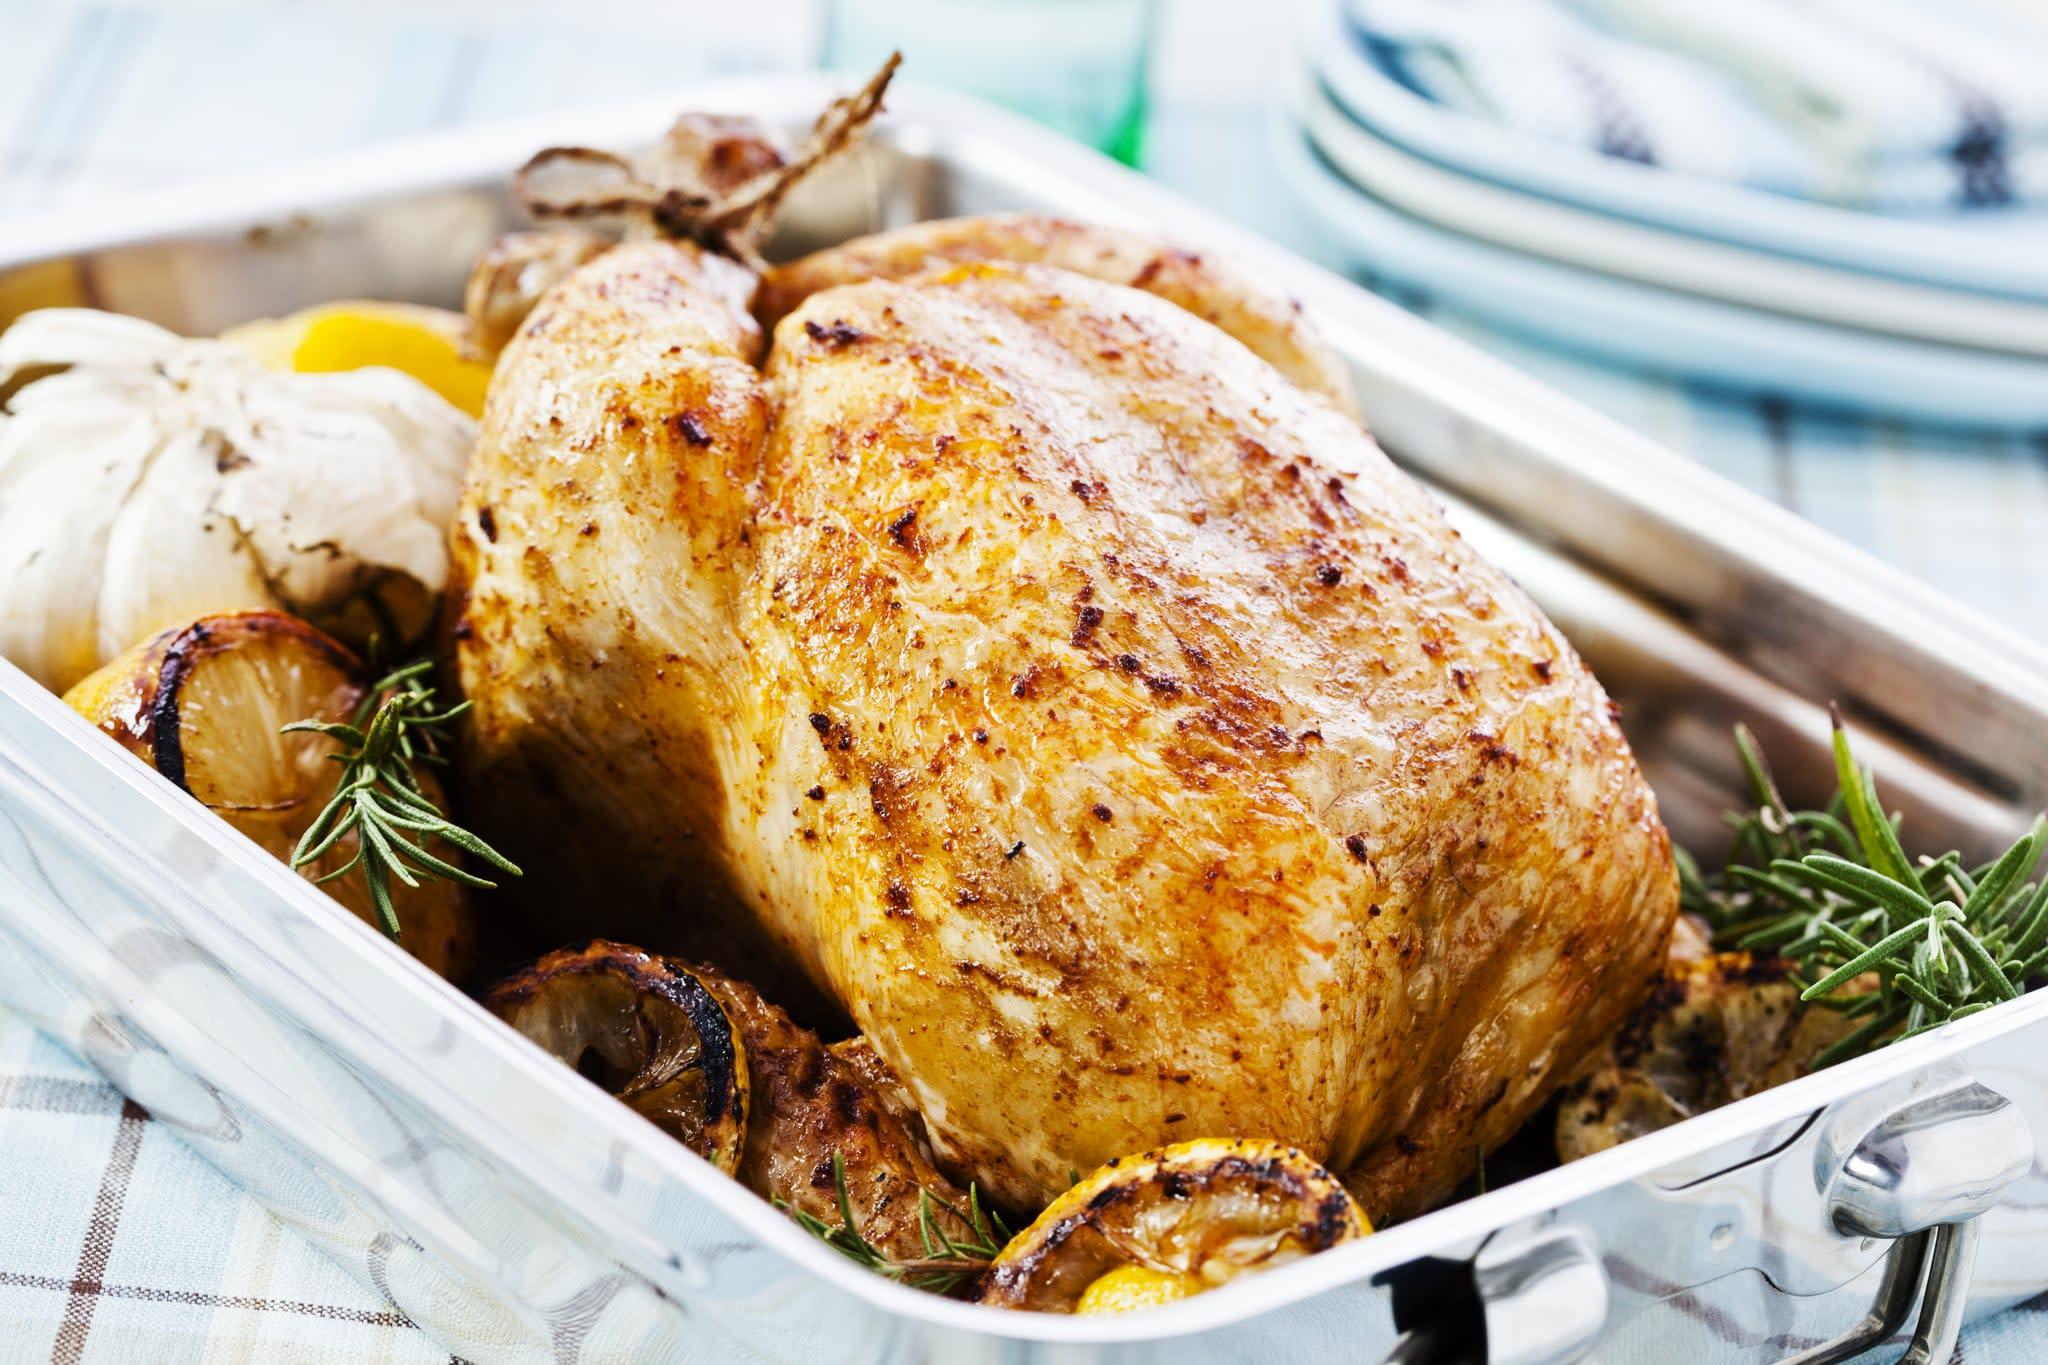 цыпленок жареный картинка всего